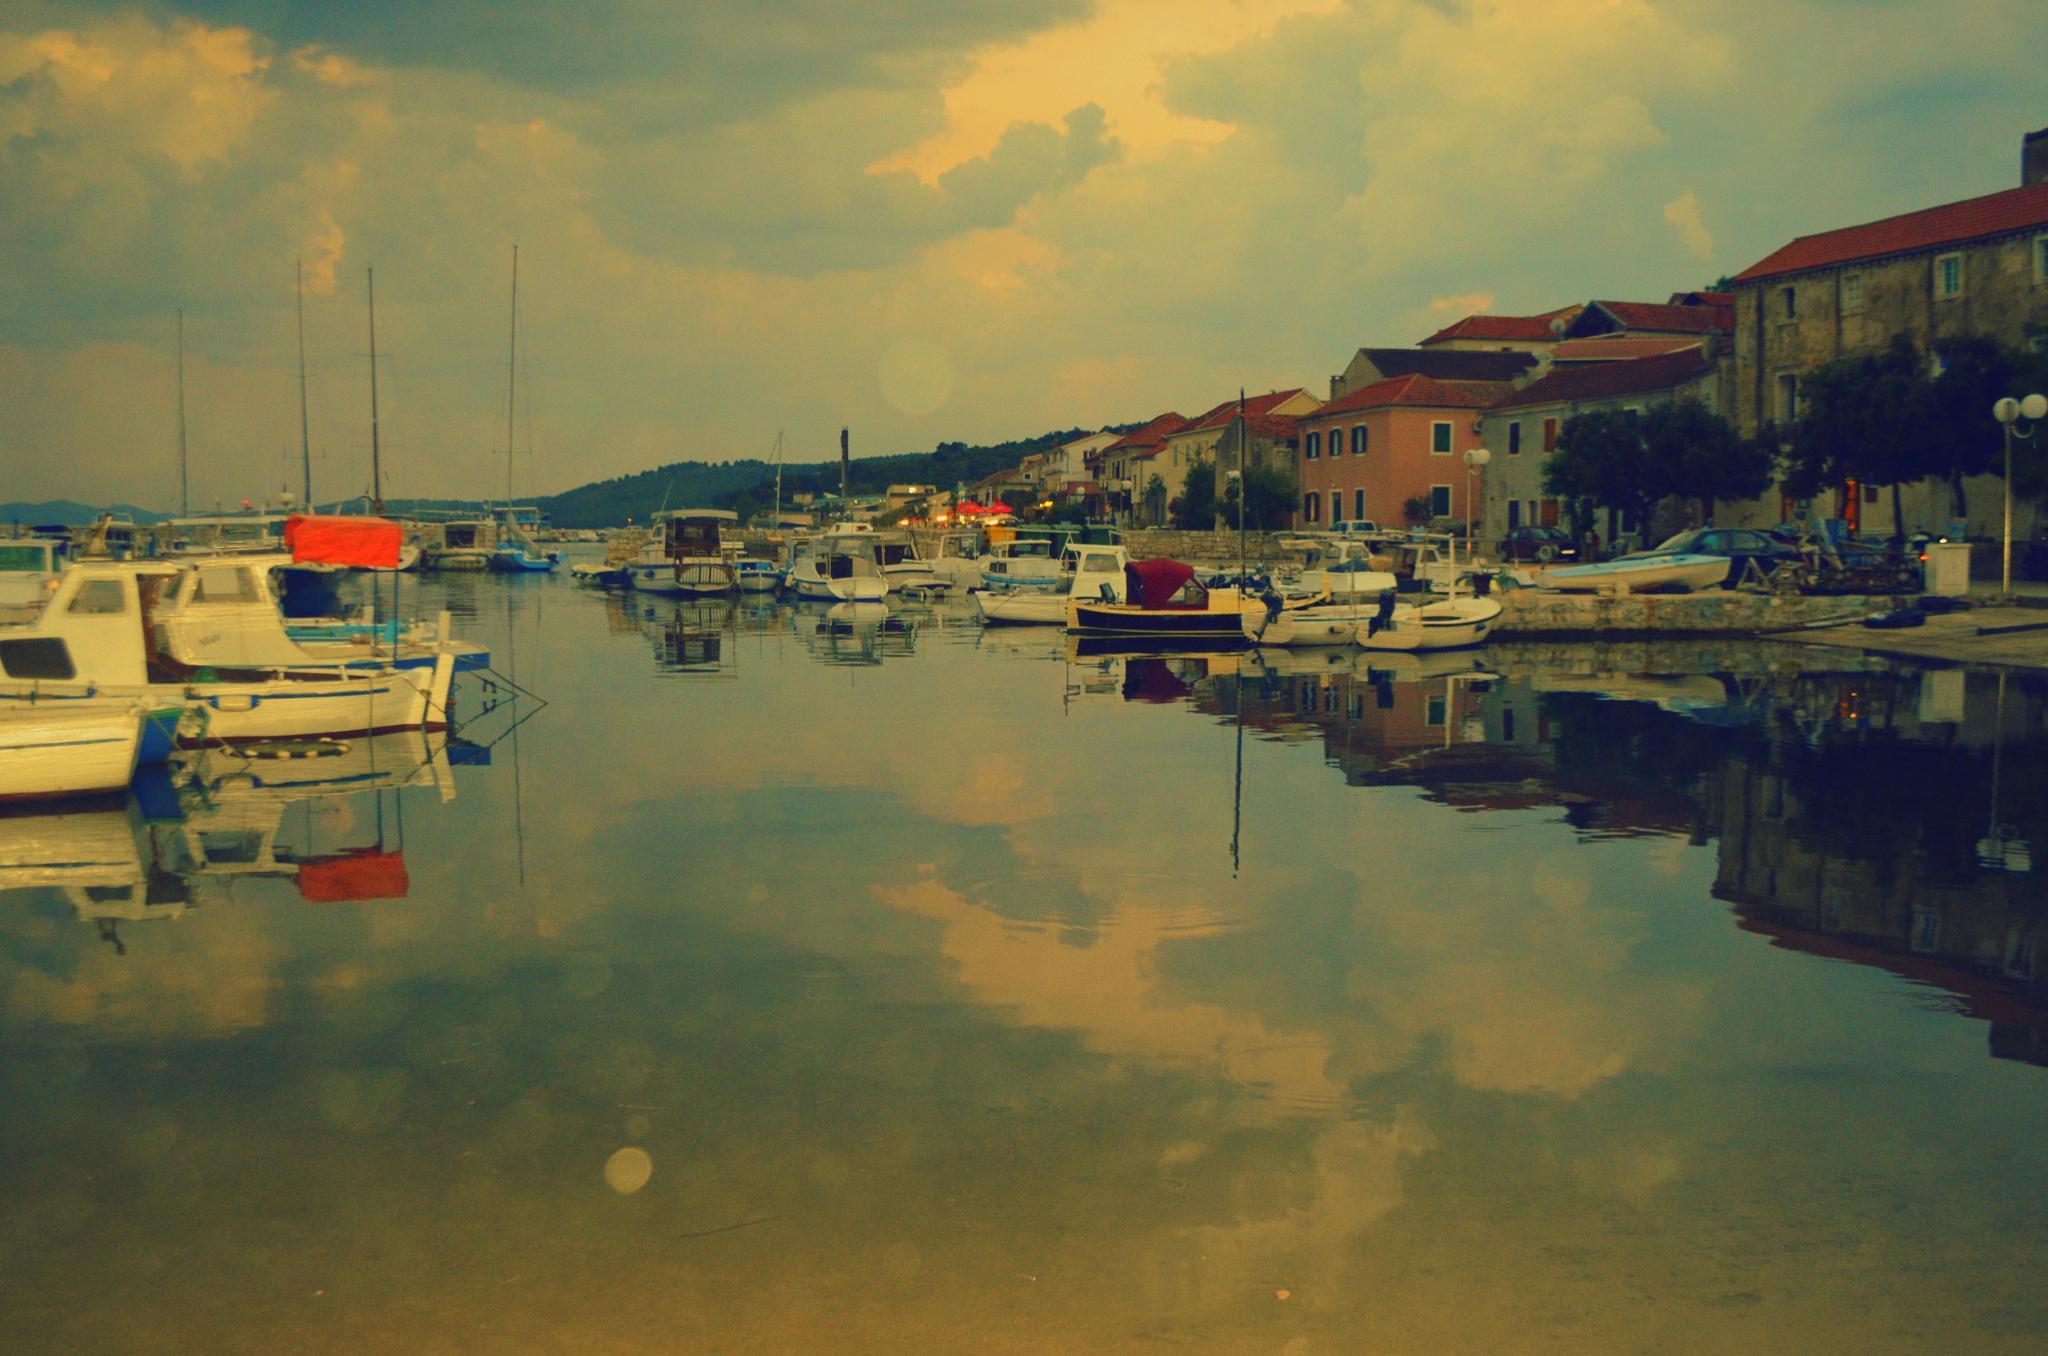 Untitled by vesna.suboticanec